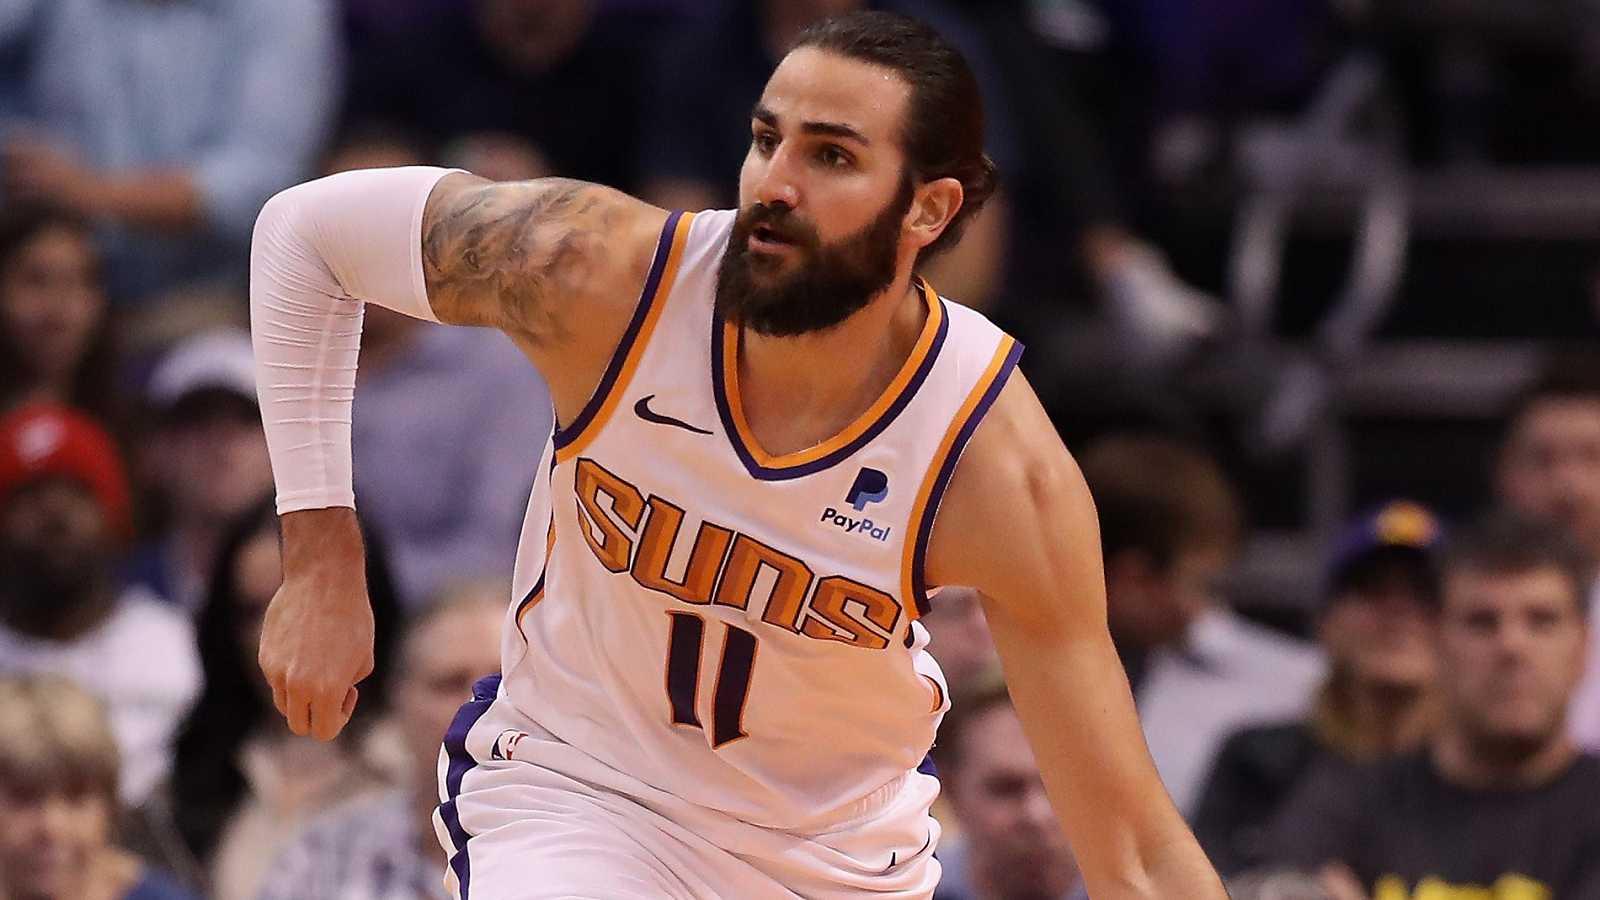 Con 22 puntos y 12 asistencias ante los Nets de Brooklyn, el base español Ricky Rubio ha ejectuado su mejor actuación con la camiseta de los Phoenix Suns.